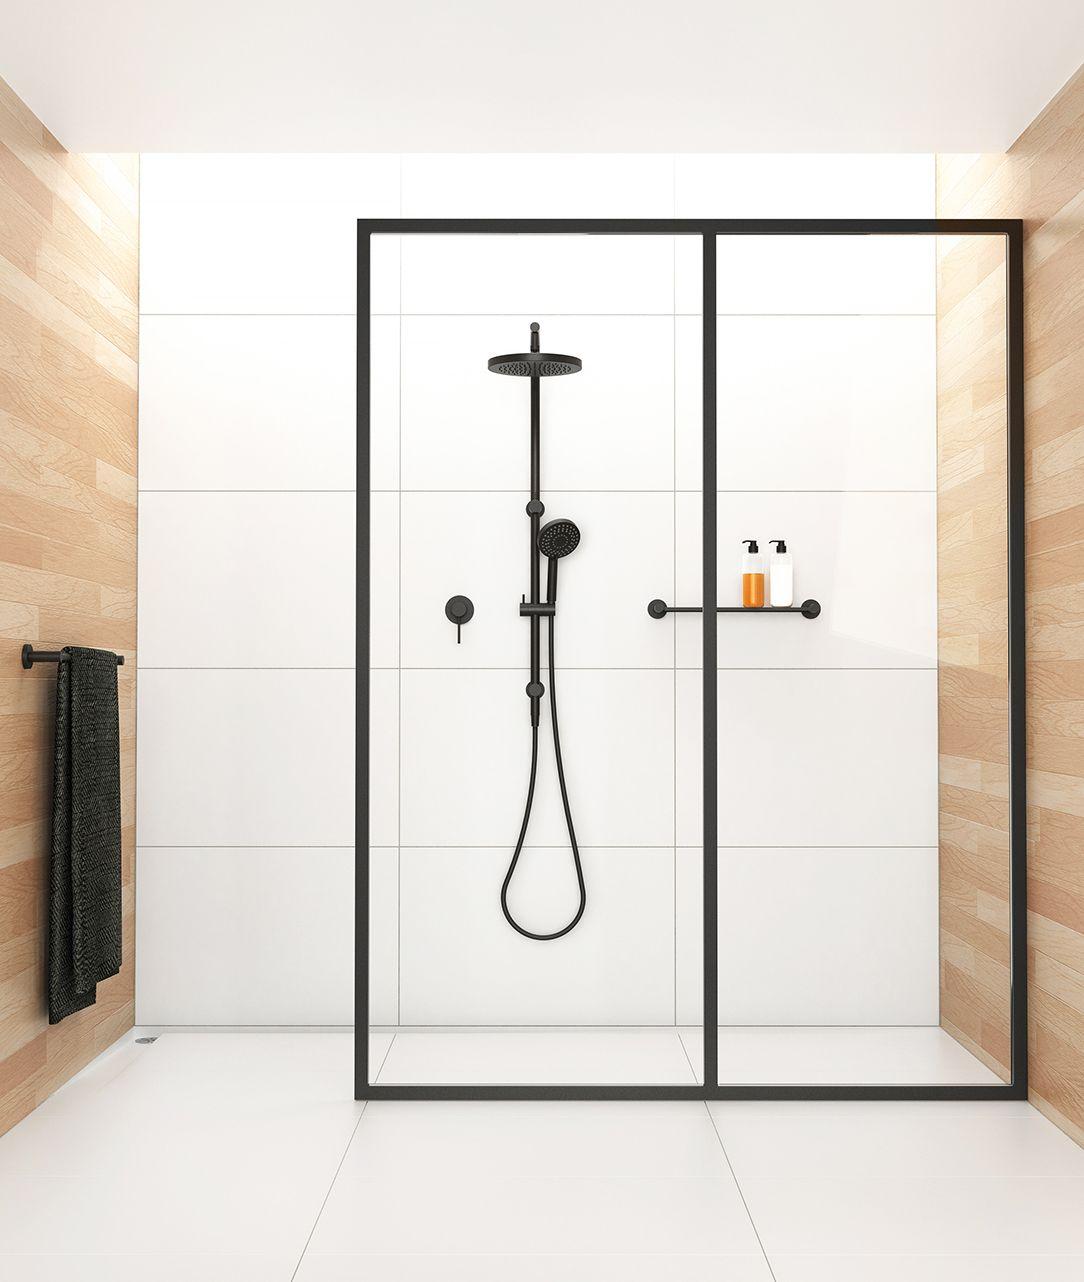 tendances salle de bain embellir l